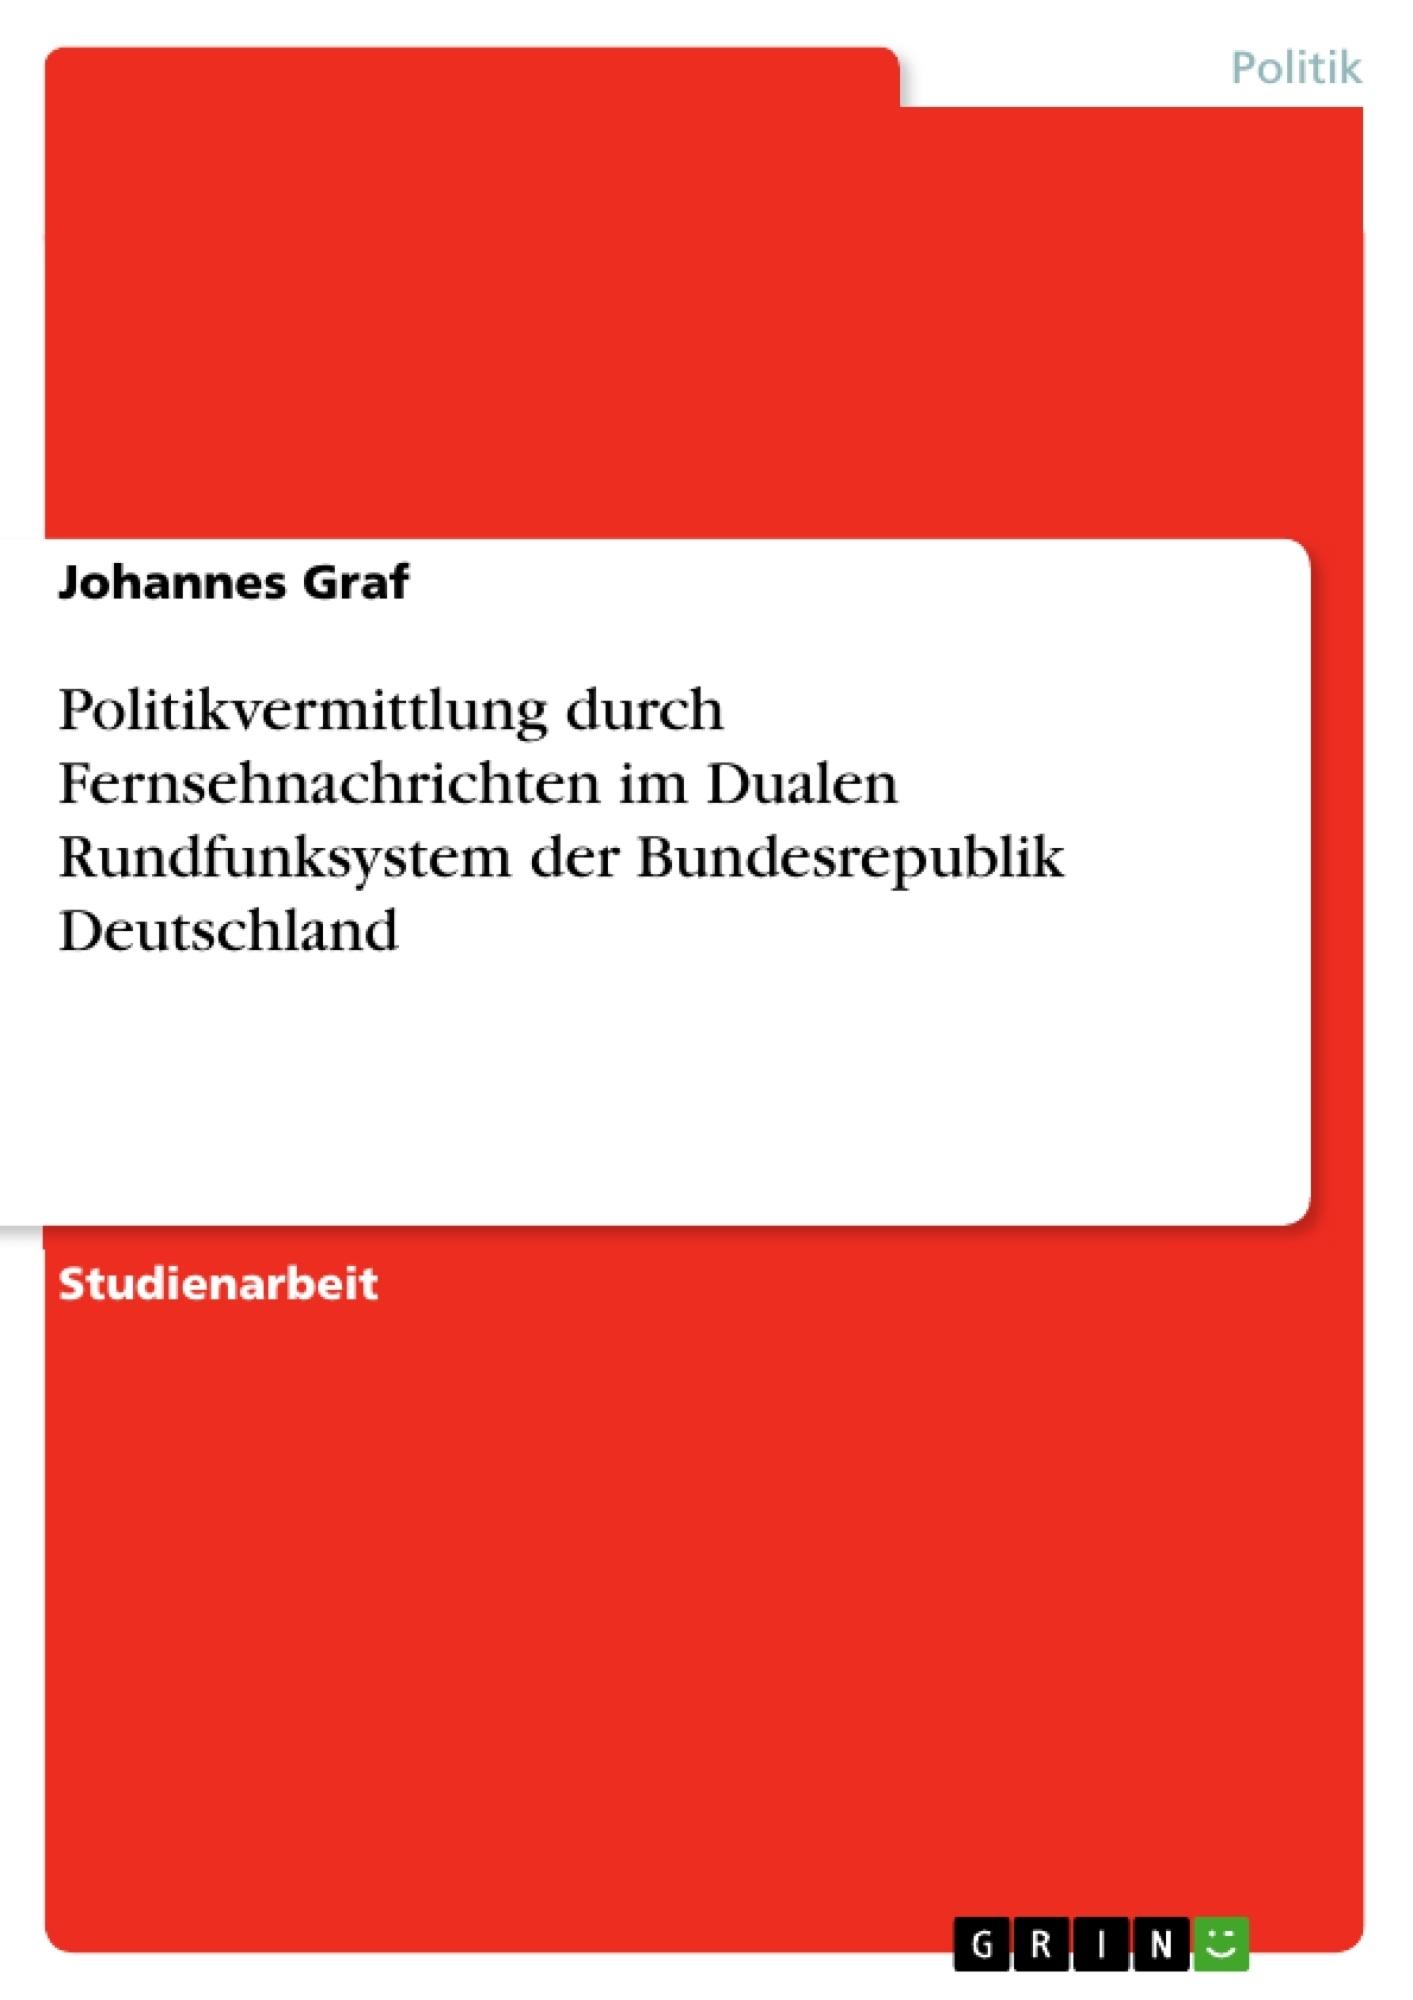 Titel: Politikvermittlung durch Fernsehnachrichten im Dualen Rundfunksystem der Bundesrepublik Deutschland